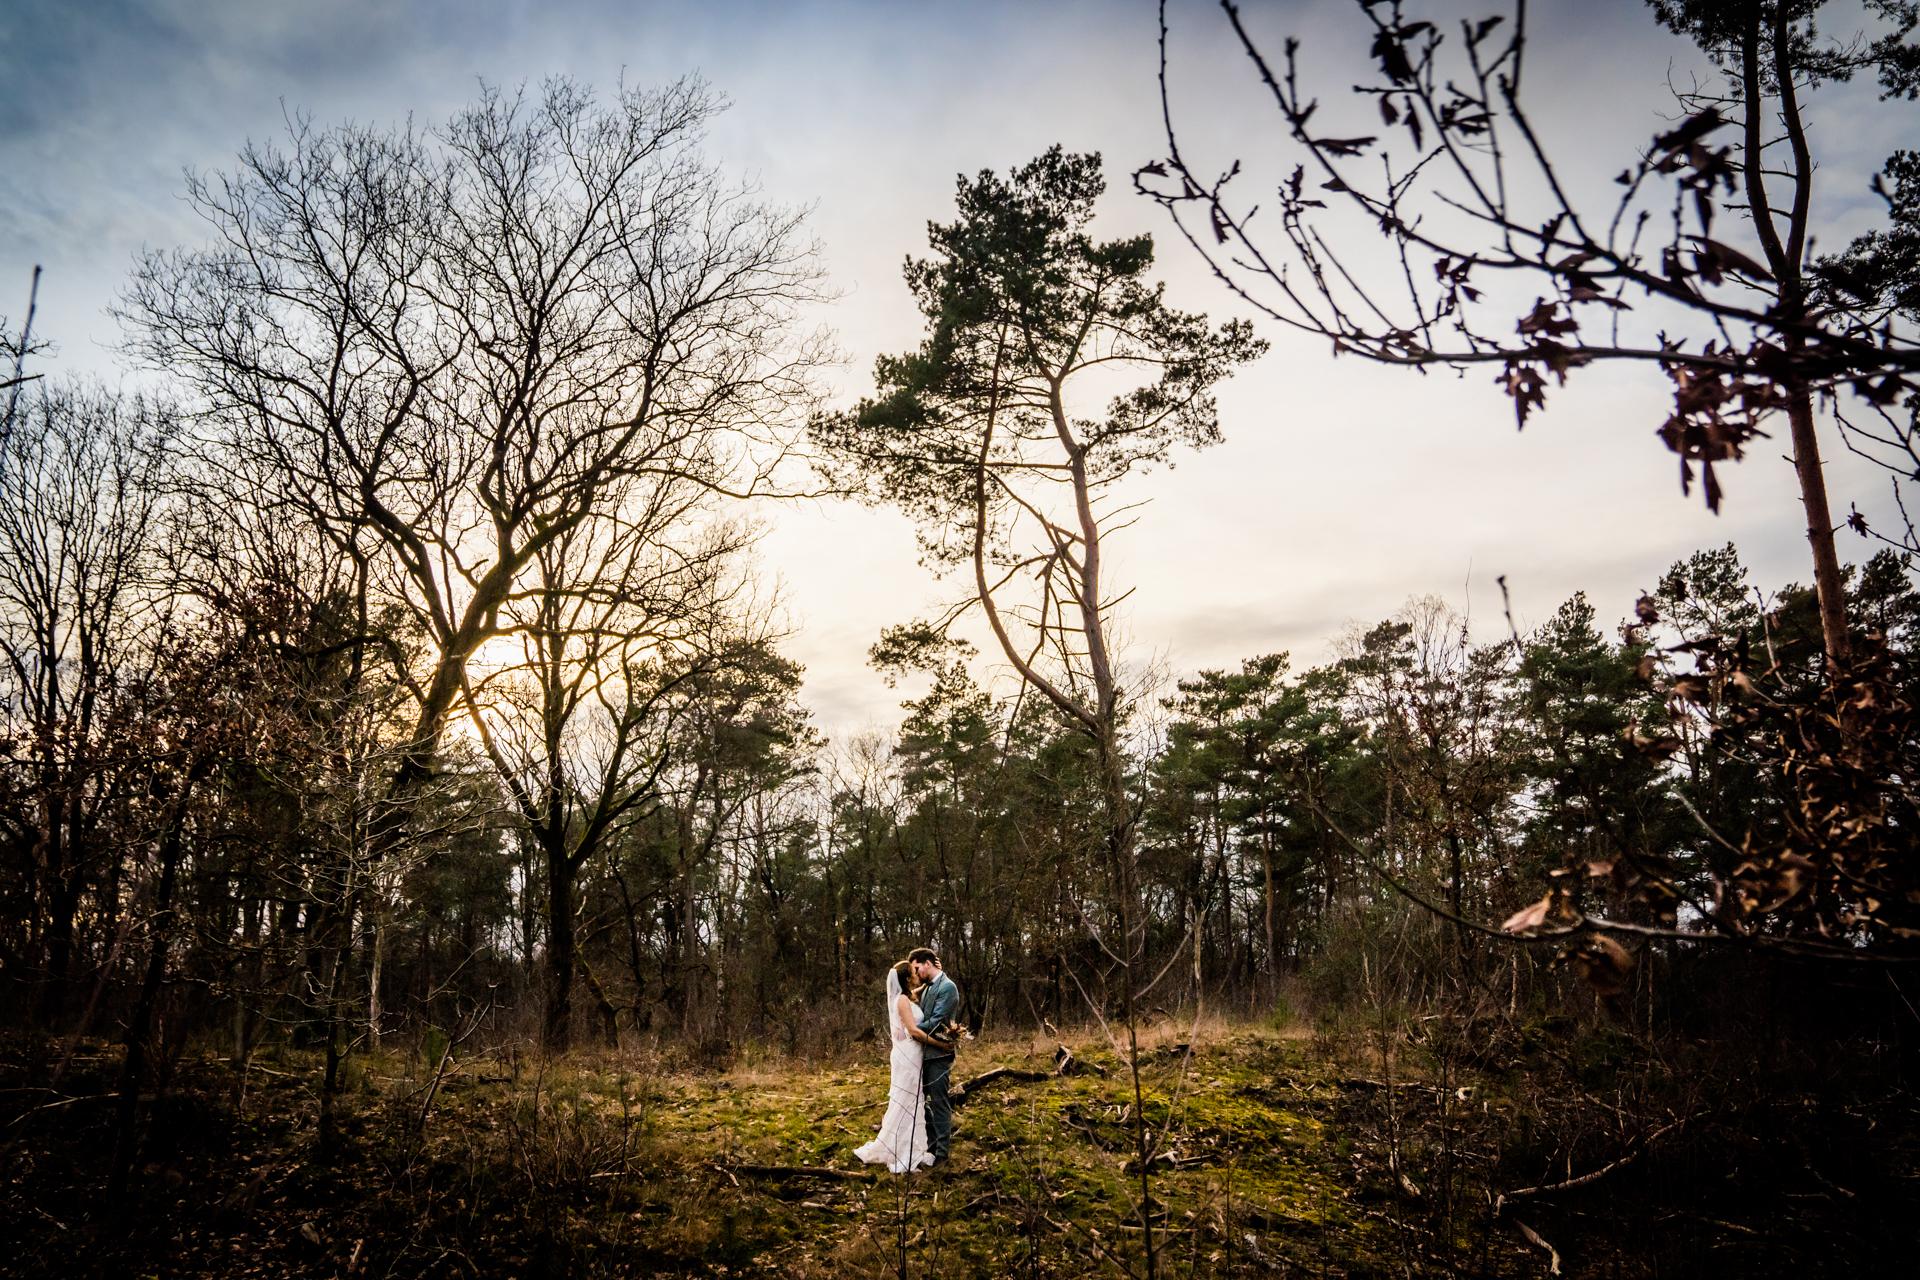 Strokerbos, Harderwijk NL Photos de mariage | En fin de journée, le couple est allé faire un petit tournage en forêt